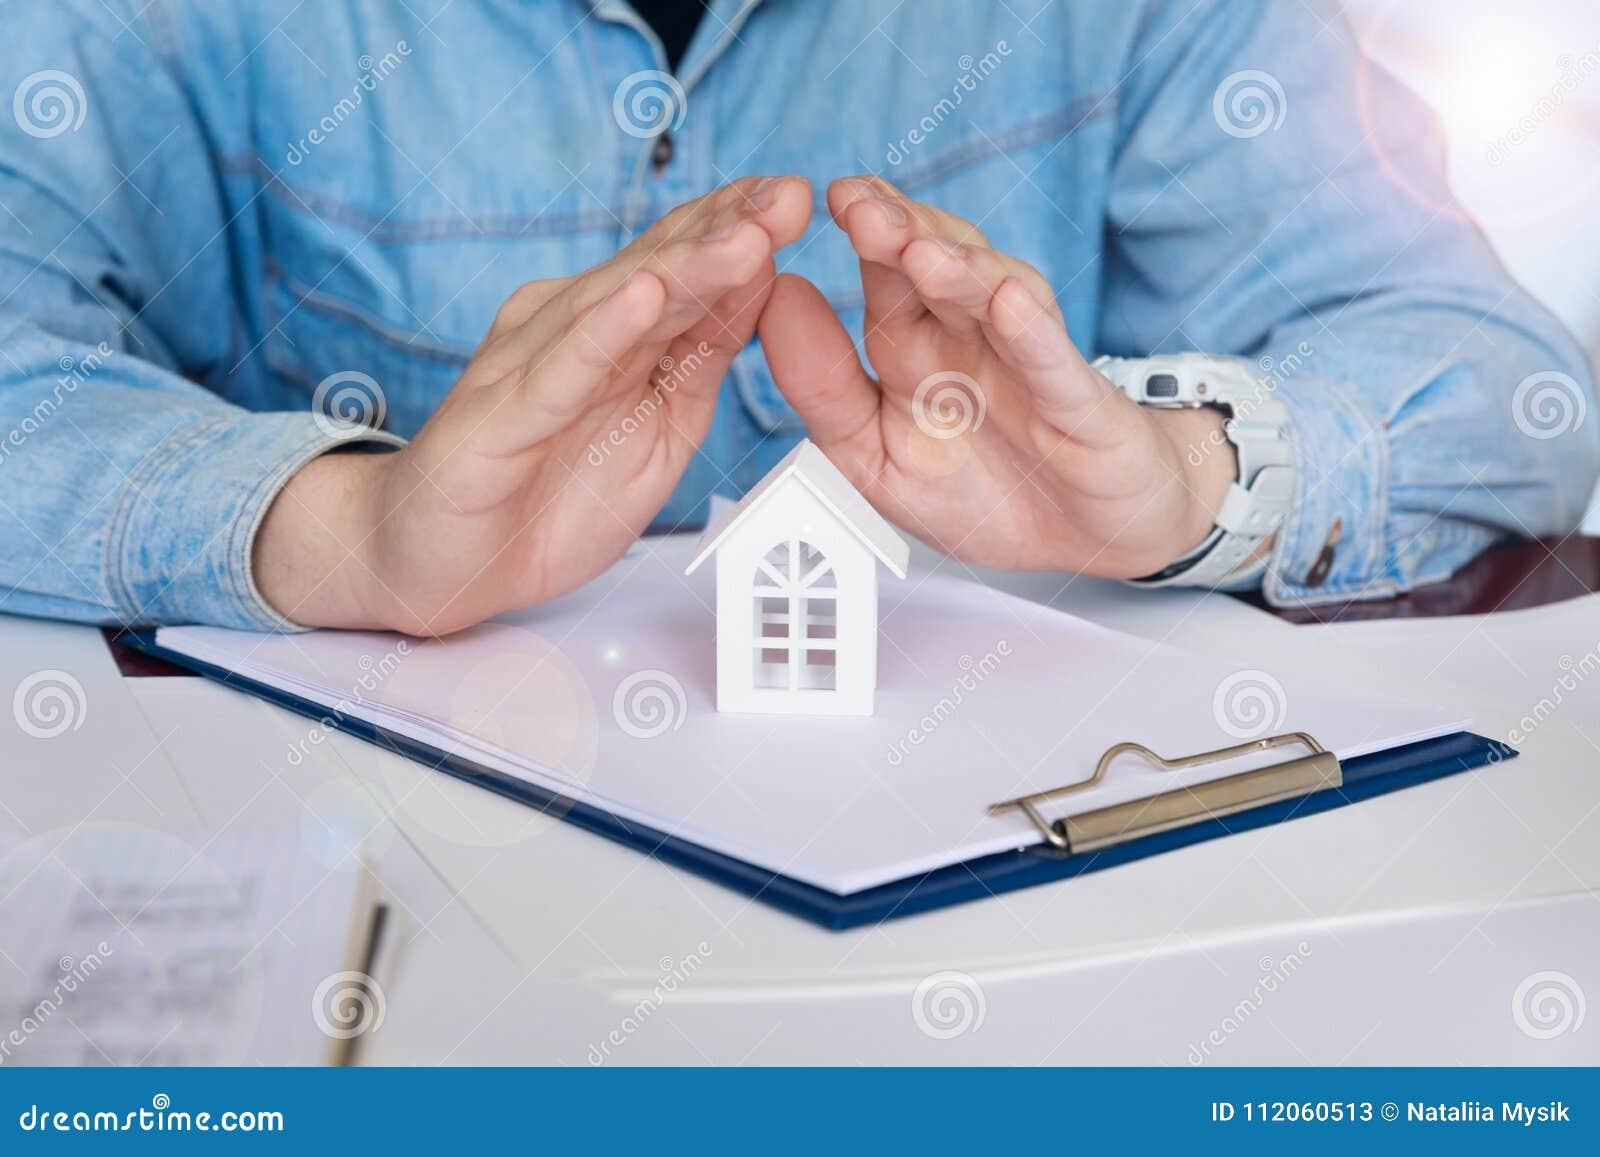 El ingeniero planea seguridad en el hogar del sitsemu